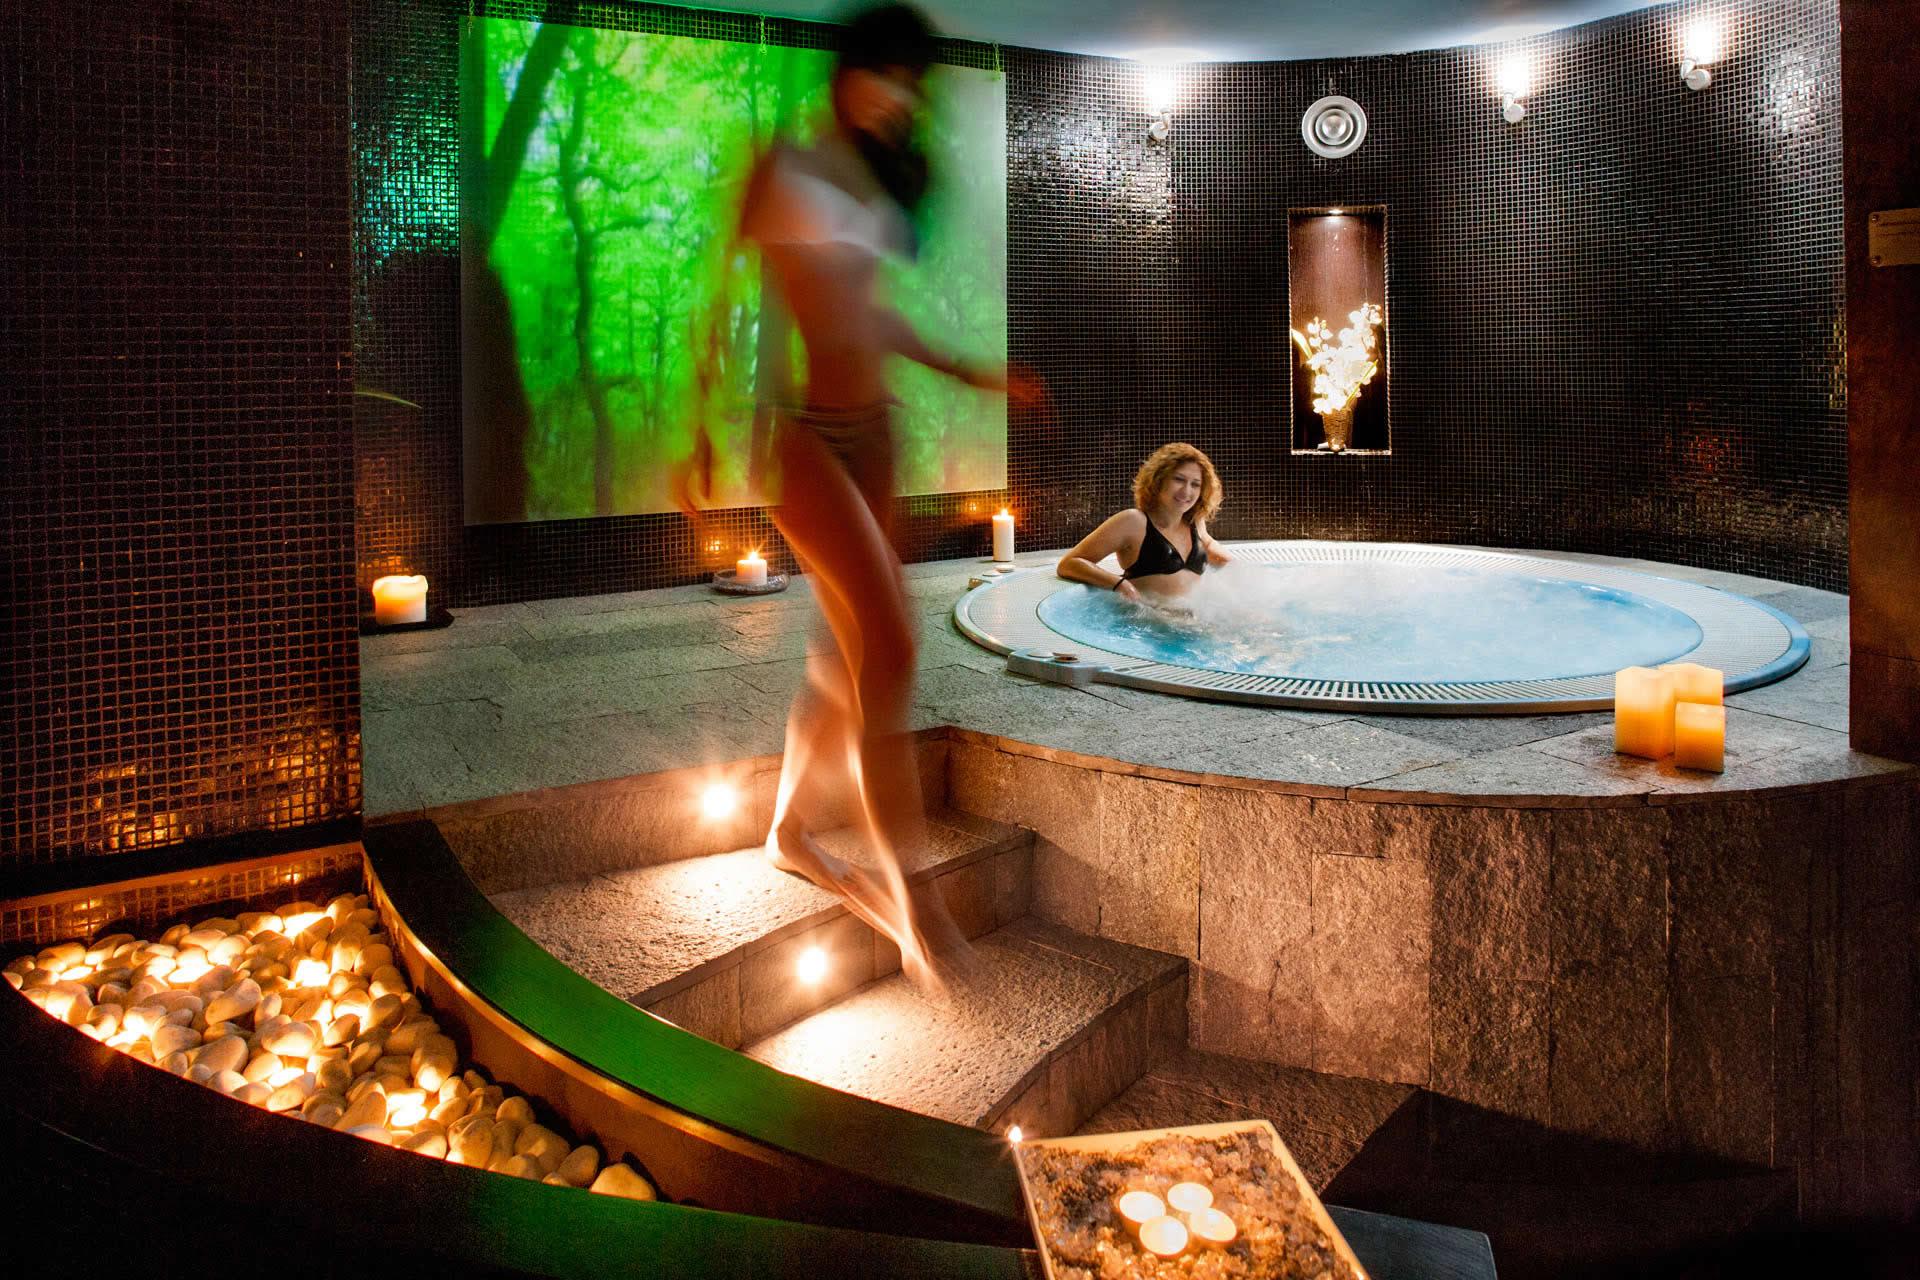 roma hotel benessere ostia albergo spa piscina roma pacchetti